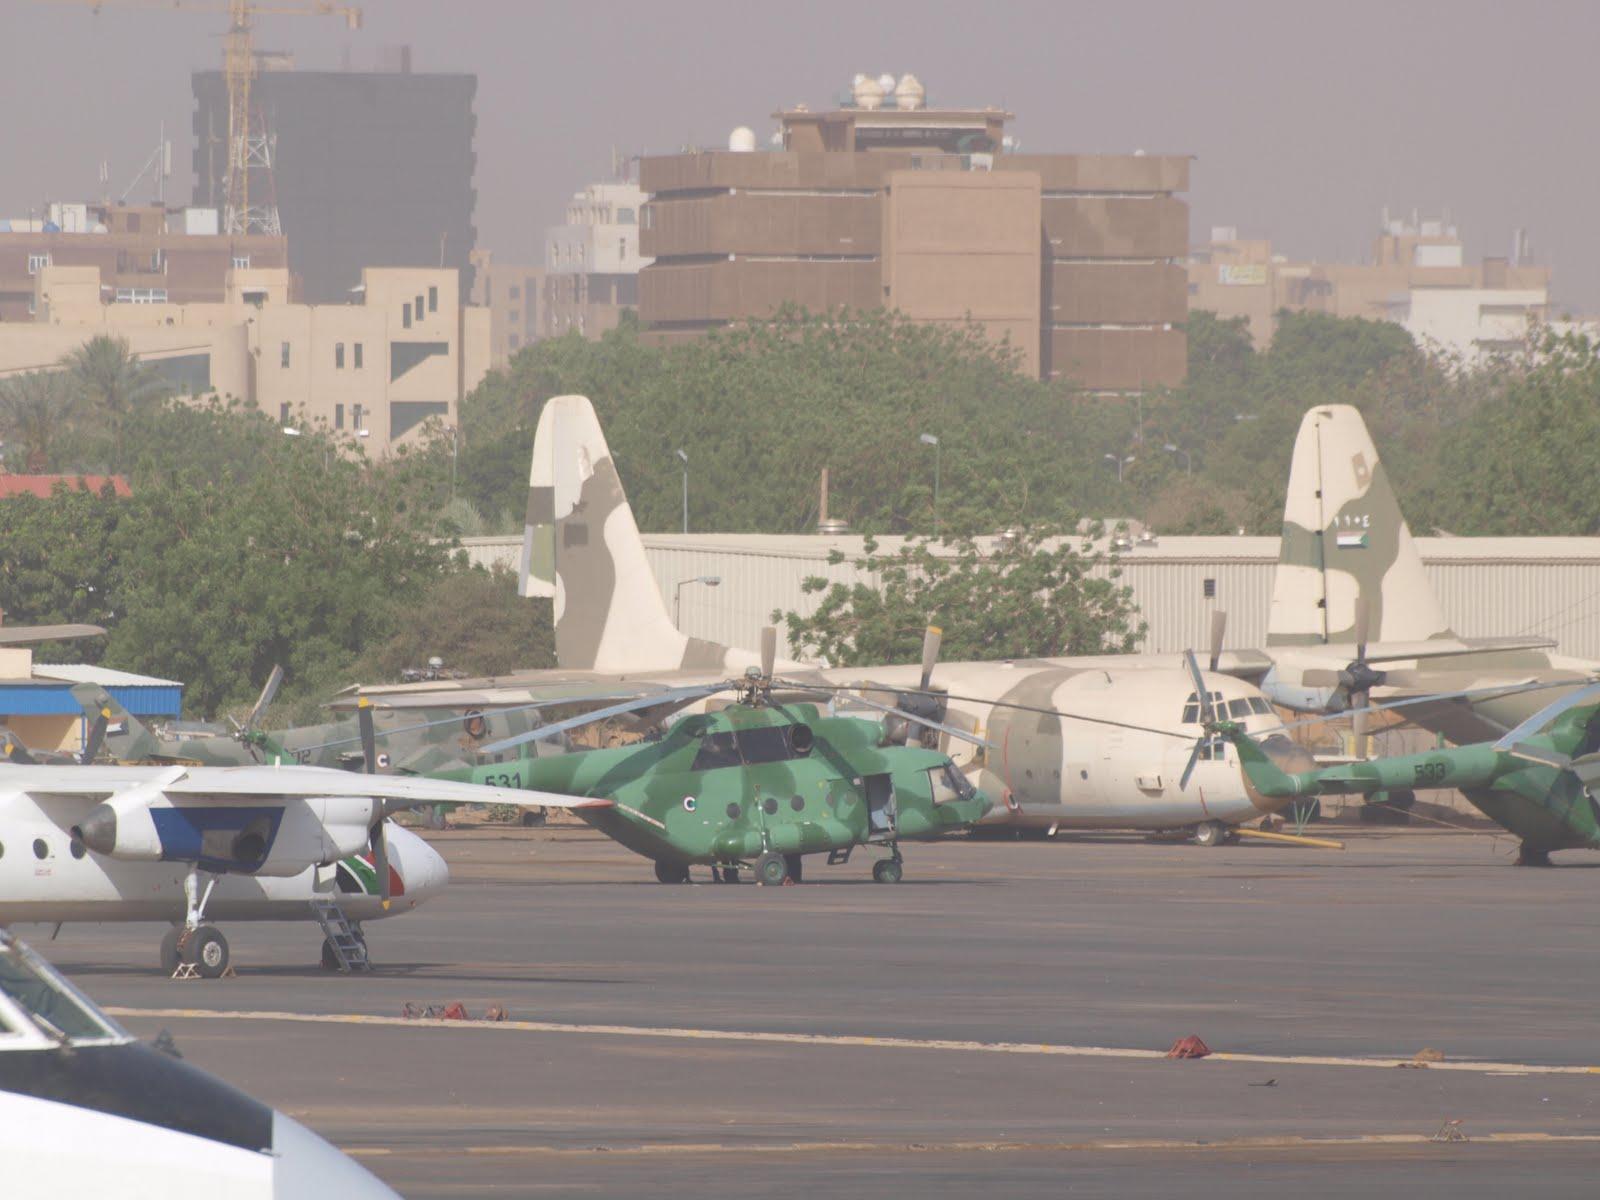 Armée Soudanaise / Sudanese Armed Forces ( SAF ) JARTUM+SUDAN+31-03-2010+MI-17+531